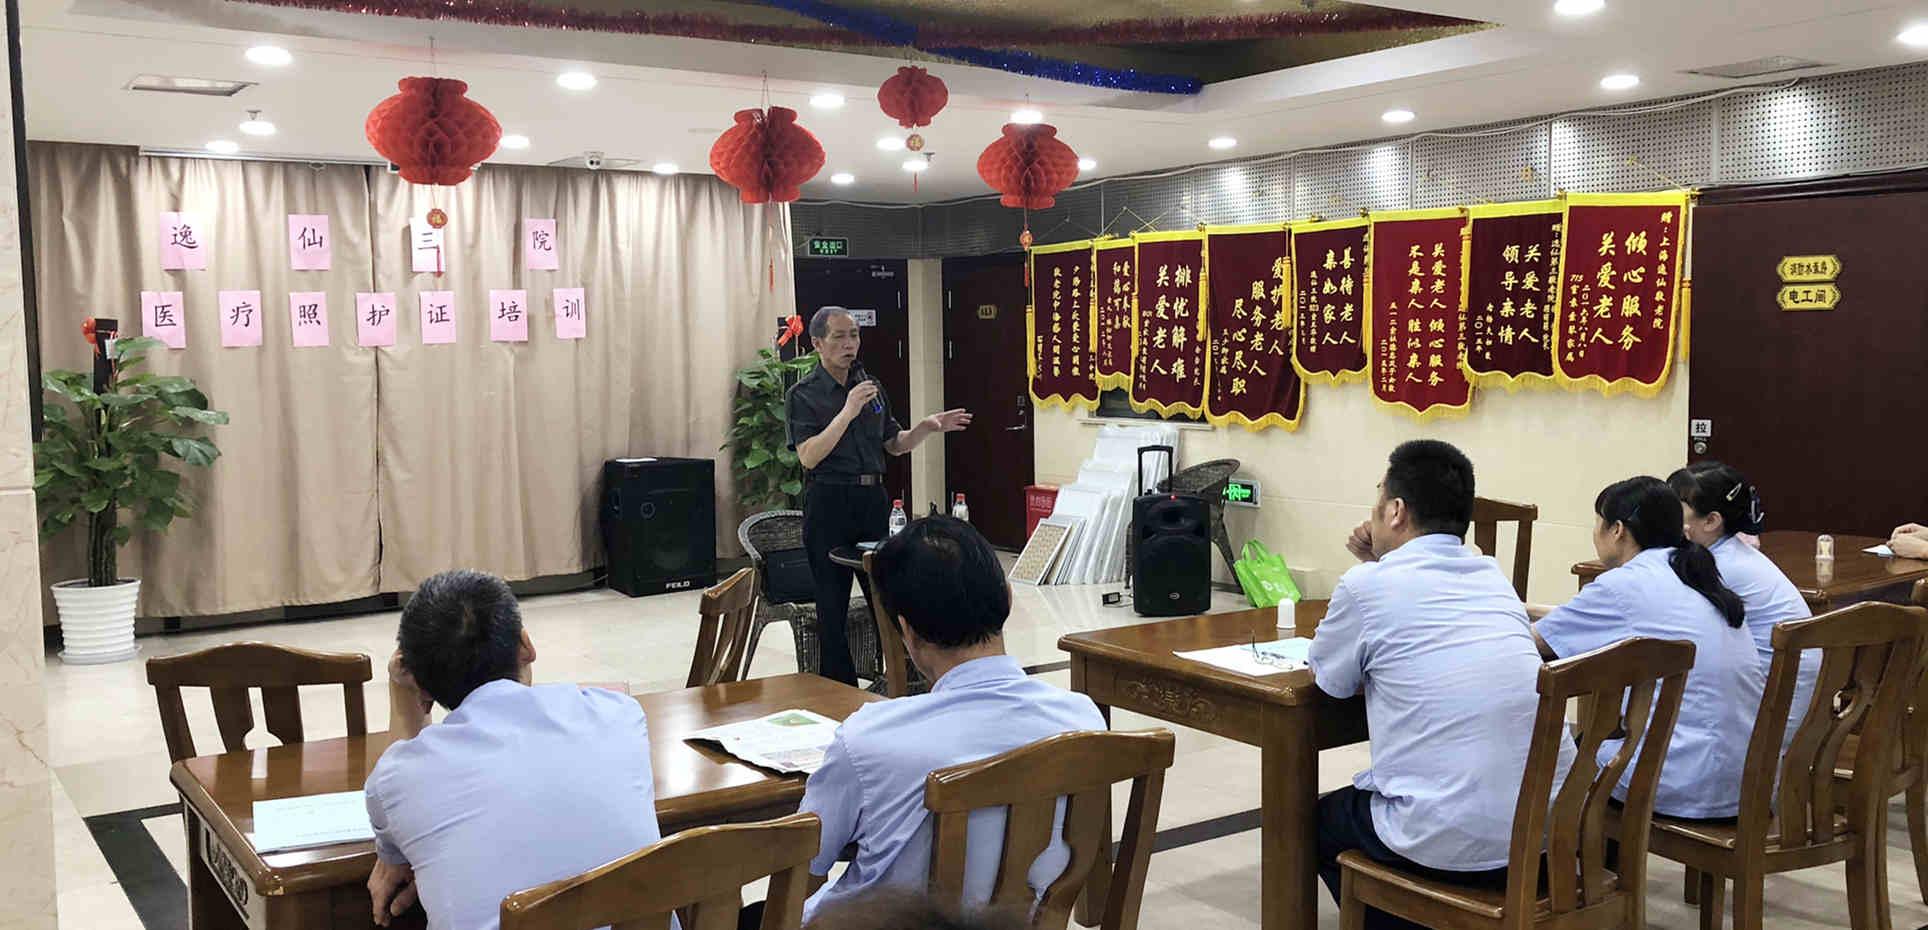 虹口区护工多少钱一月 上海倍爱健康管理供应